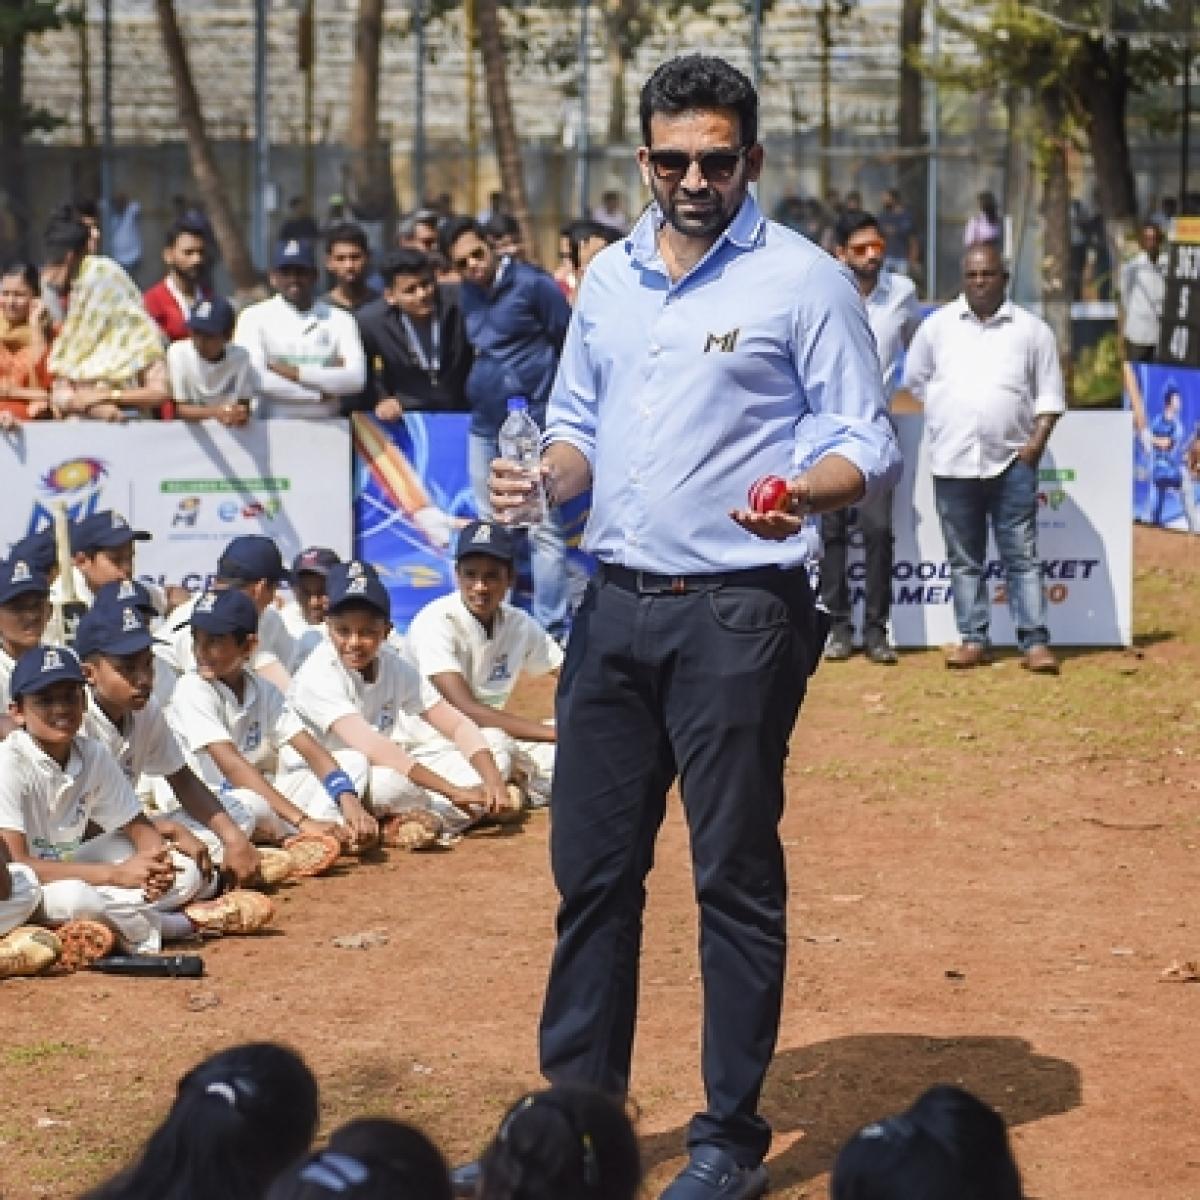 U19 World Cup: 'Do well' — Veteran Zaheer Khan backs the blue